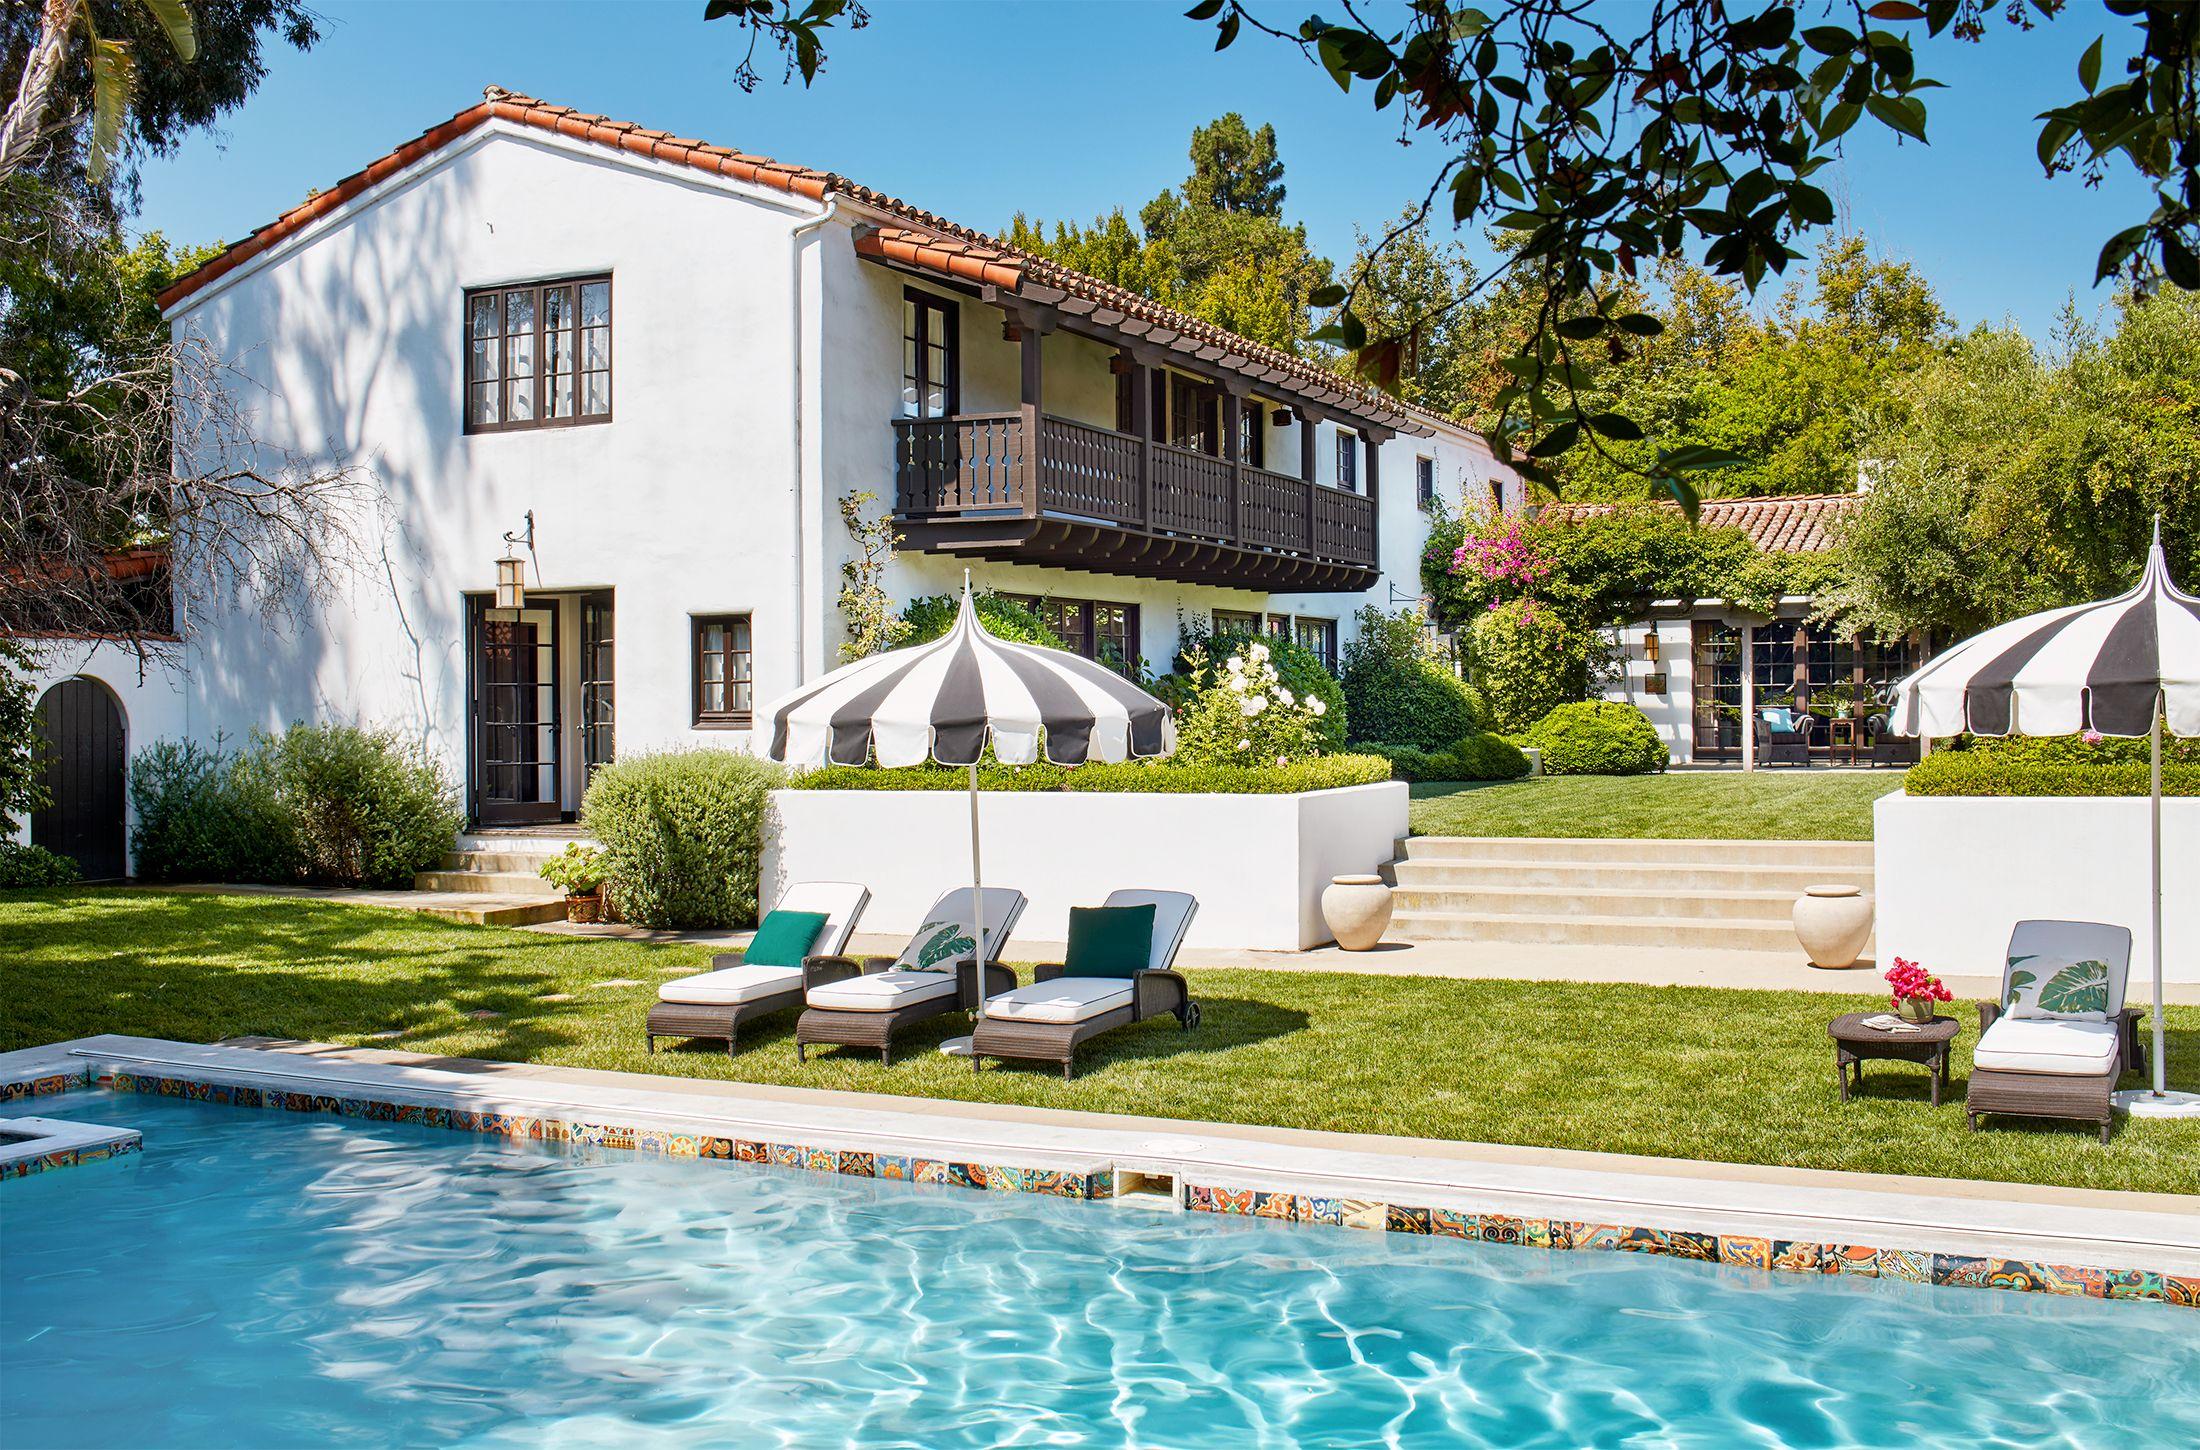 50 breathtaking backyard ideas